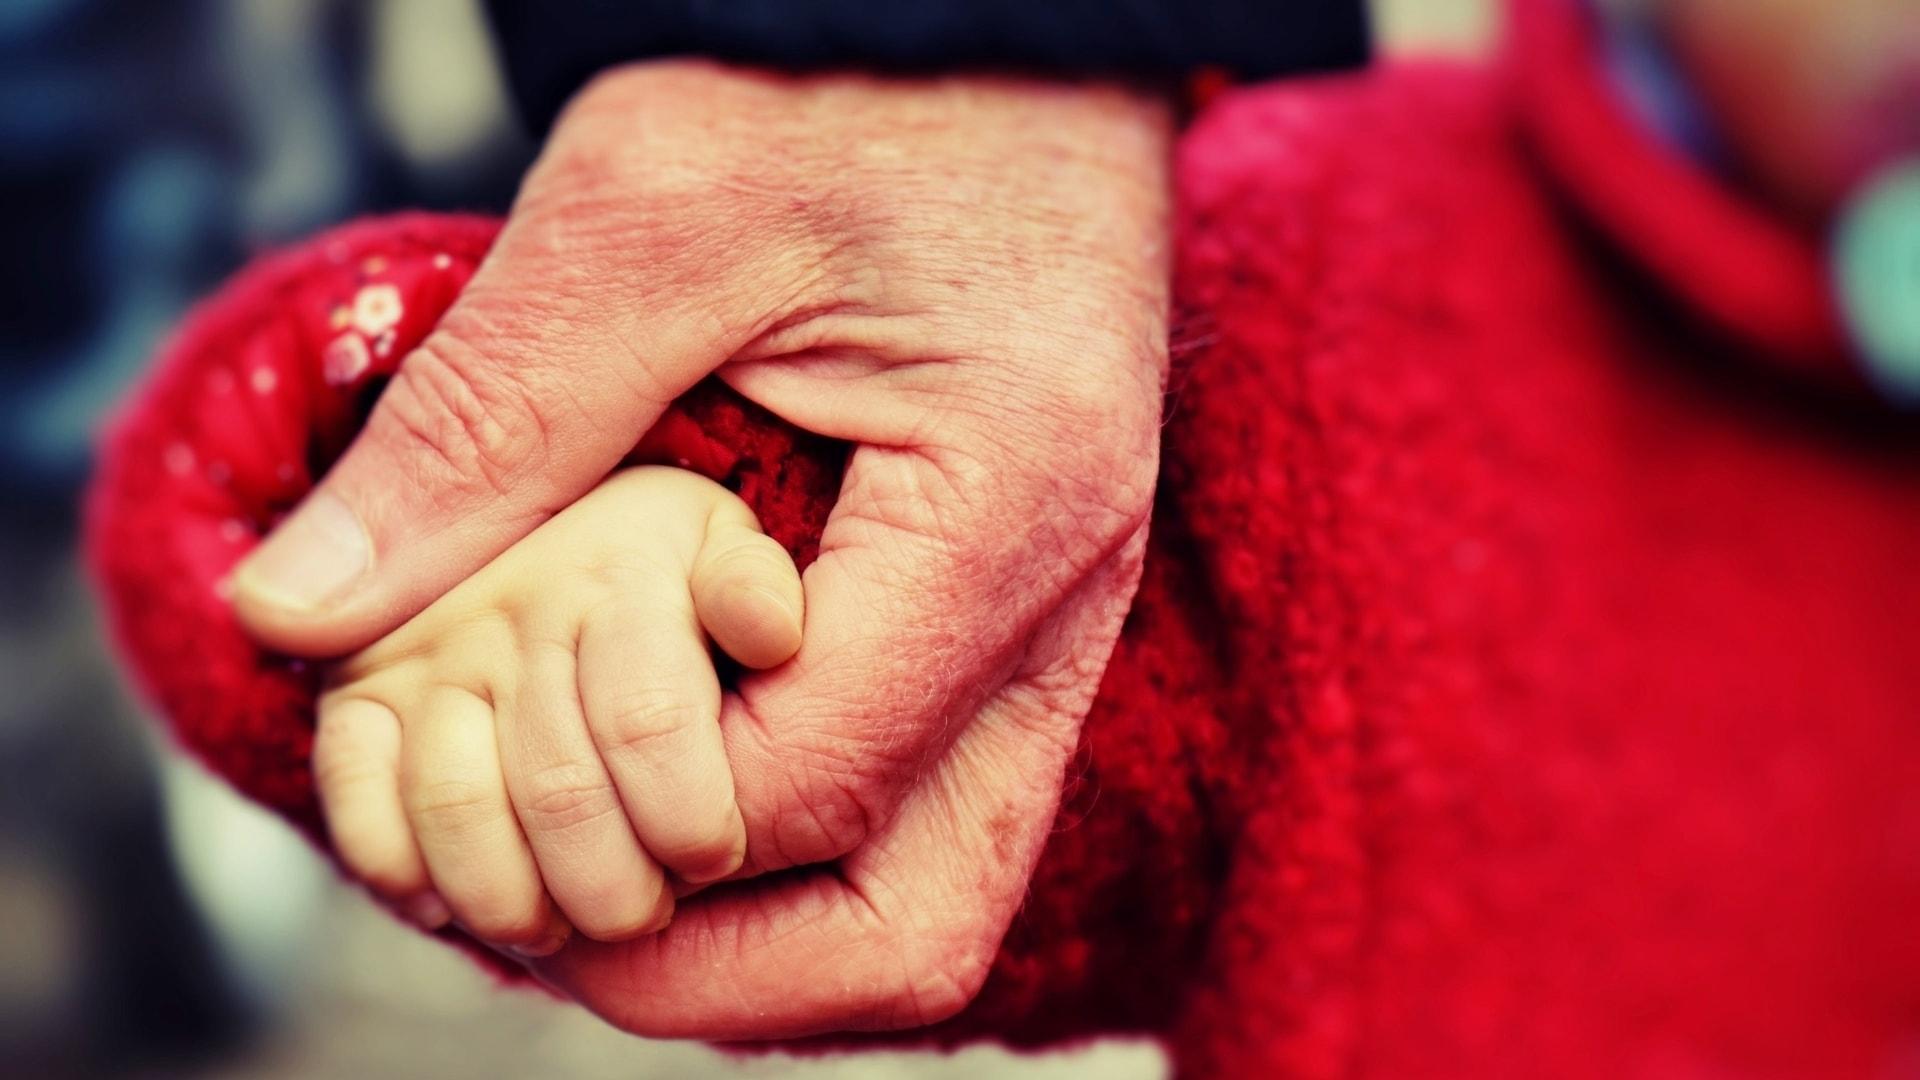 Att vara förälder och inte ha råd